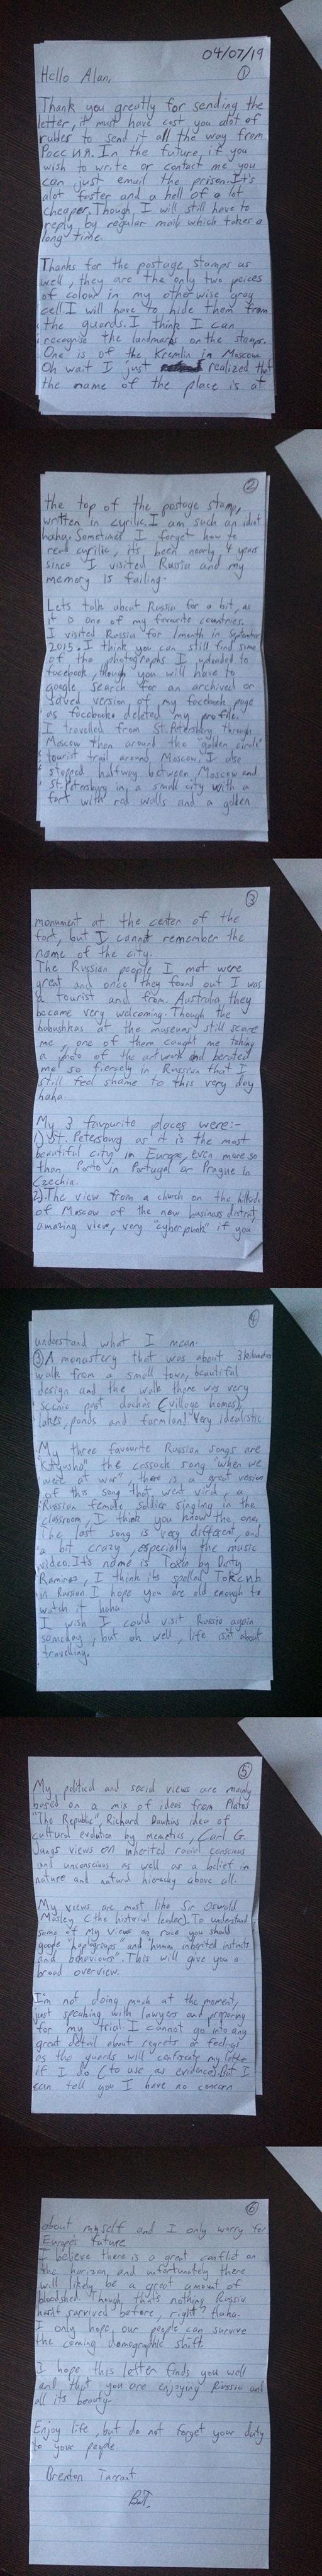 Carta de Brenton Tarrant a Alan. Foto de 4chan